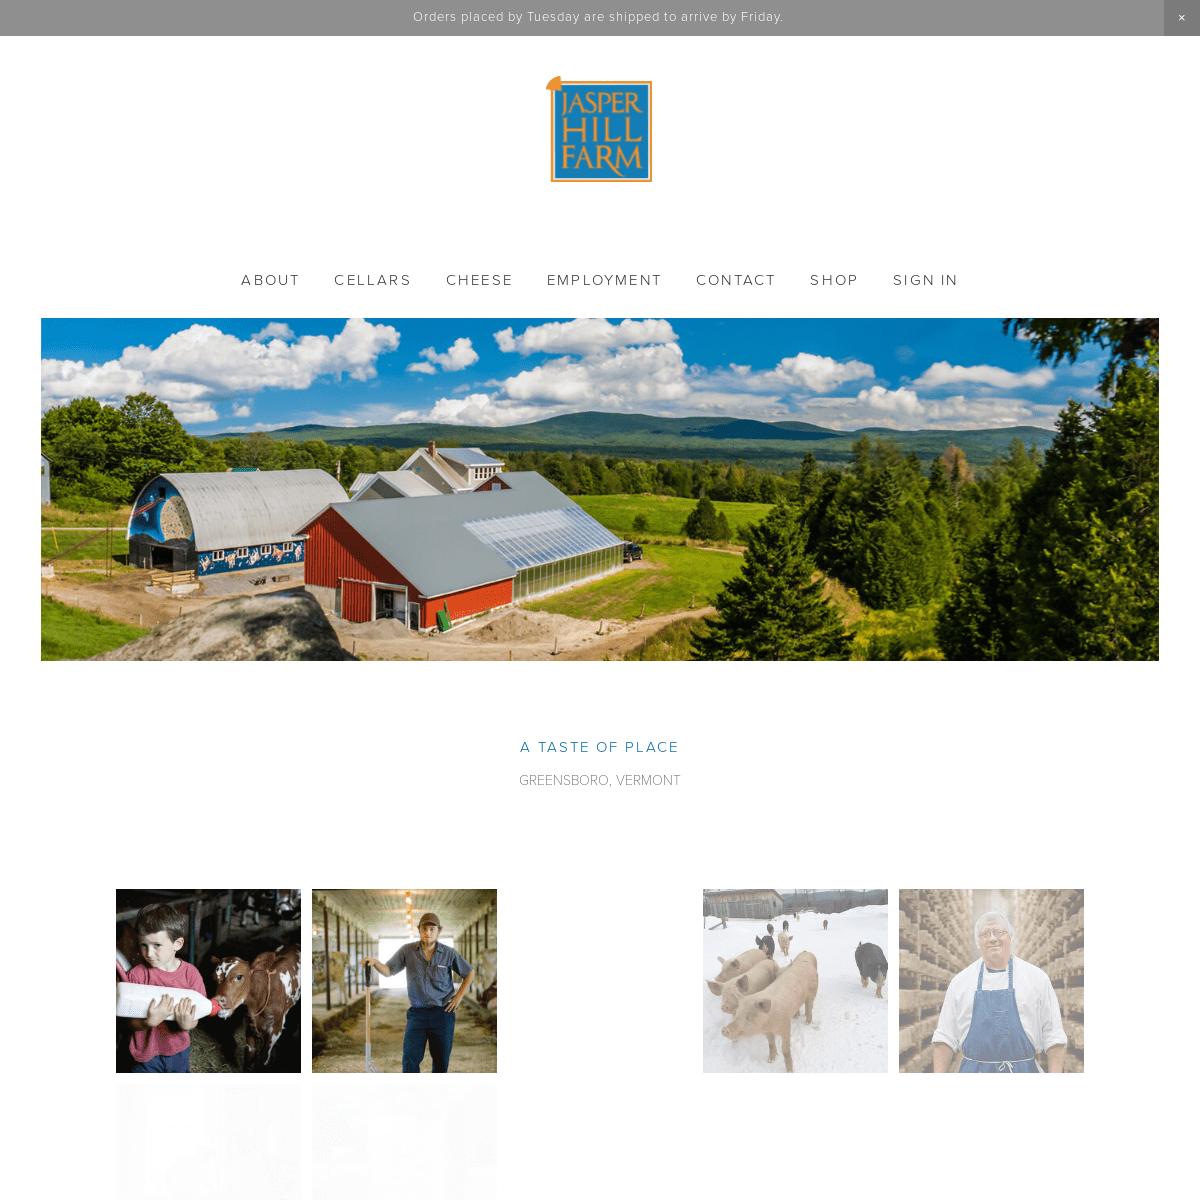 Jasper Hill Farm - A Taste of Place